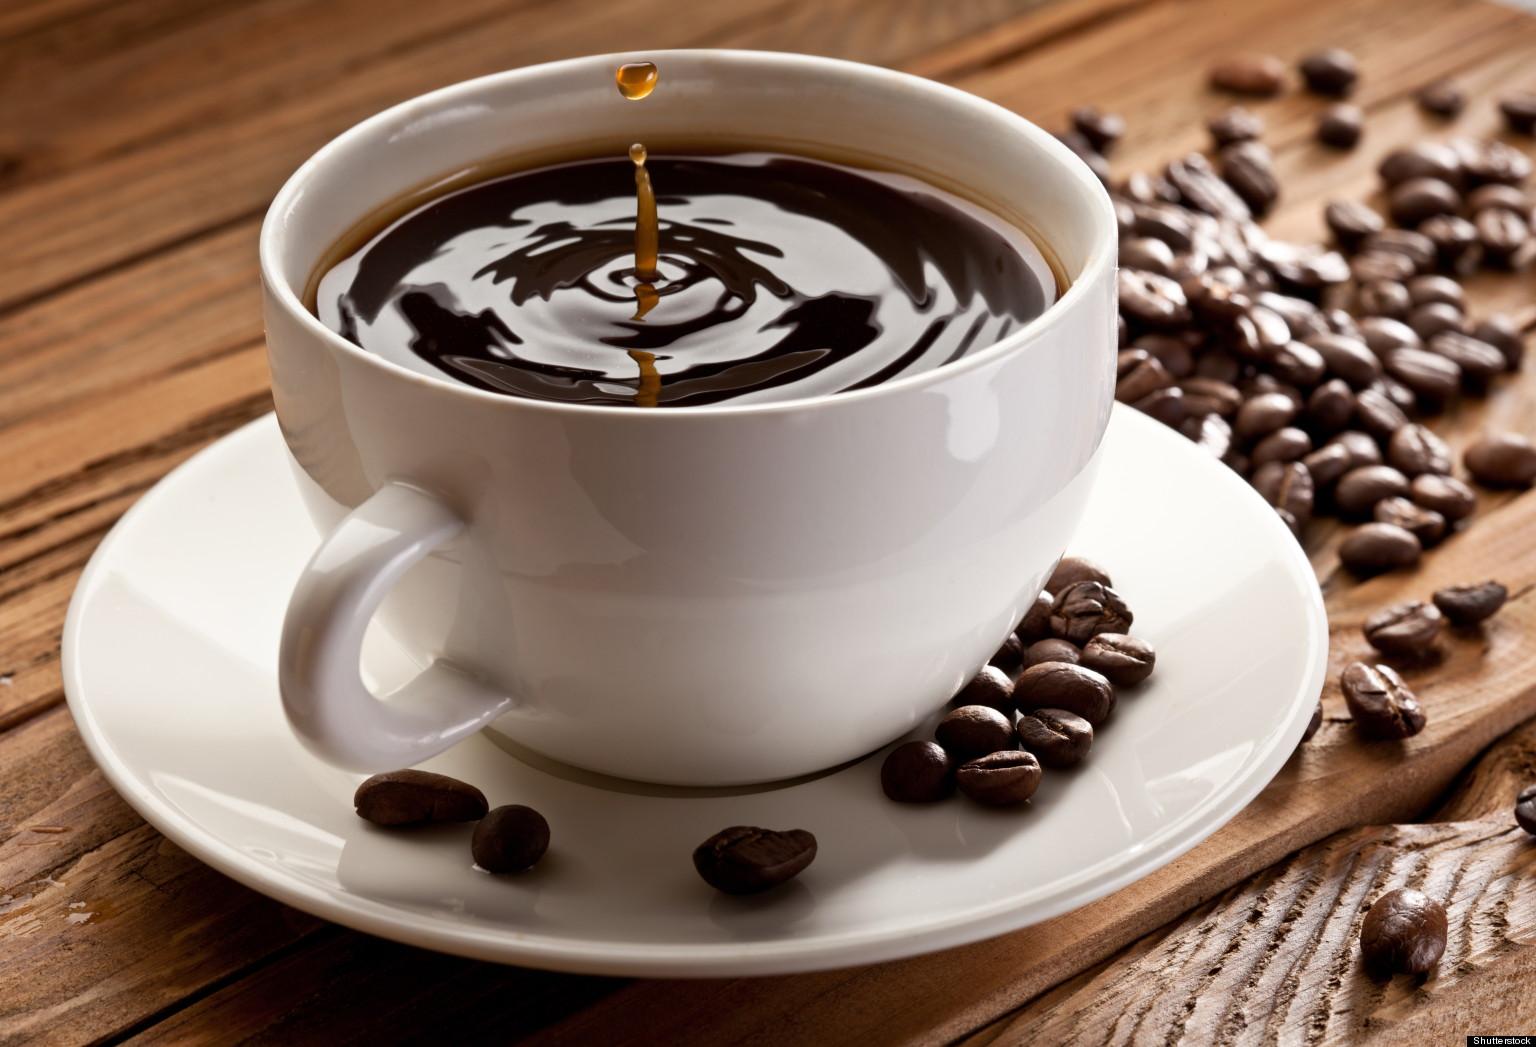 Ly cà phê nguyên chất có độ sánh không đáng kể